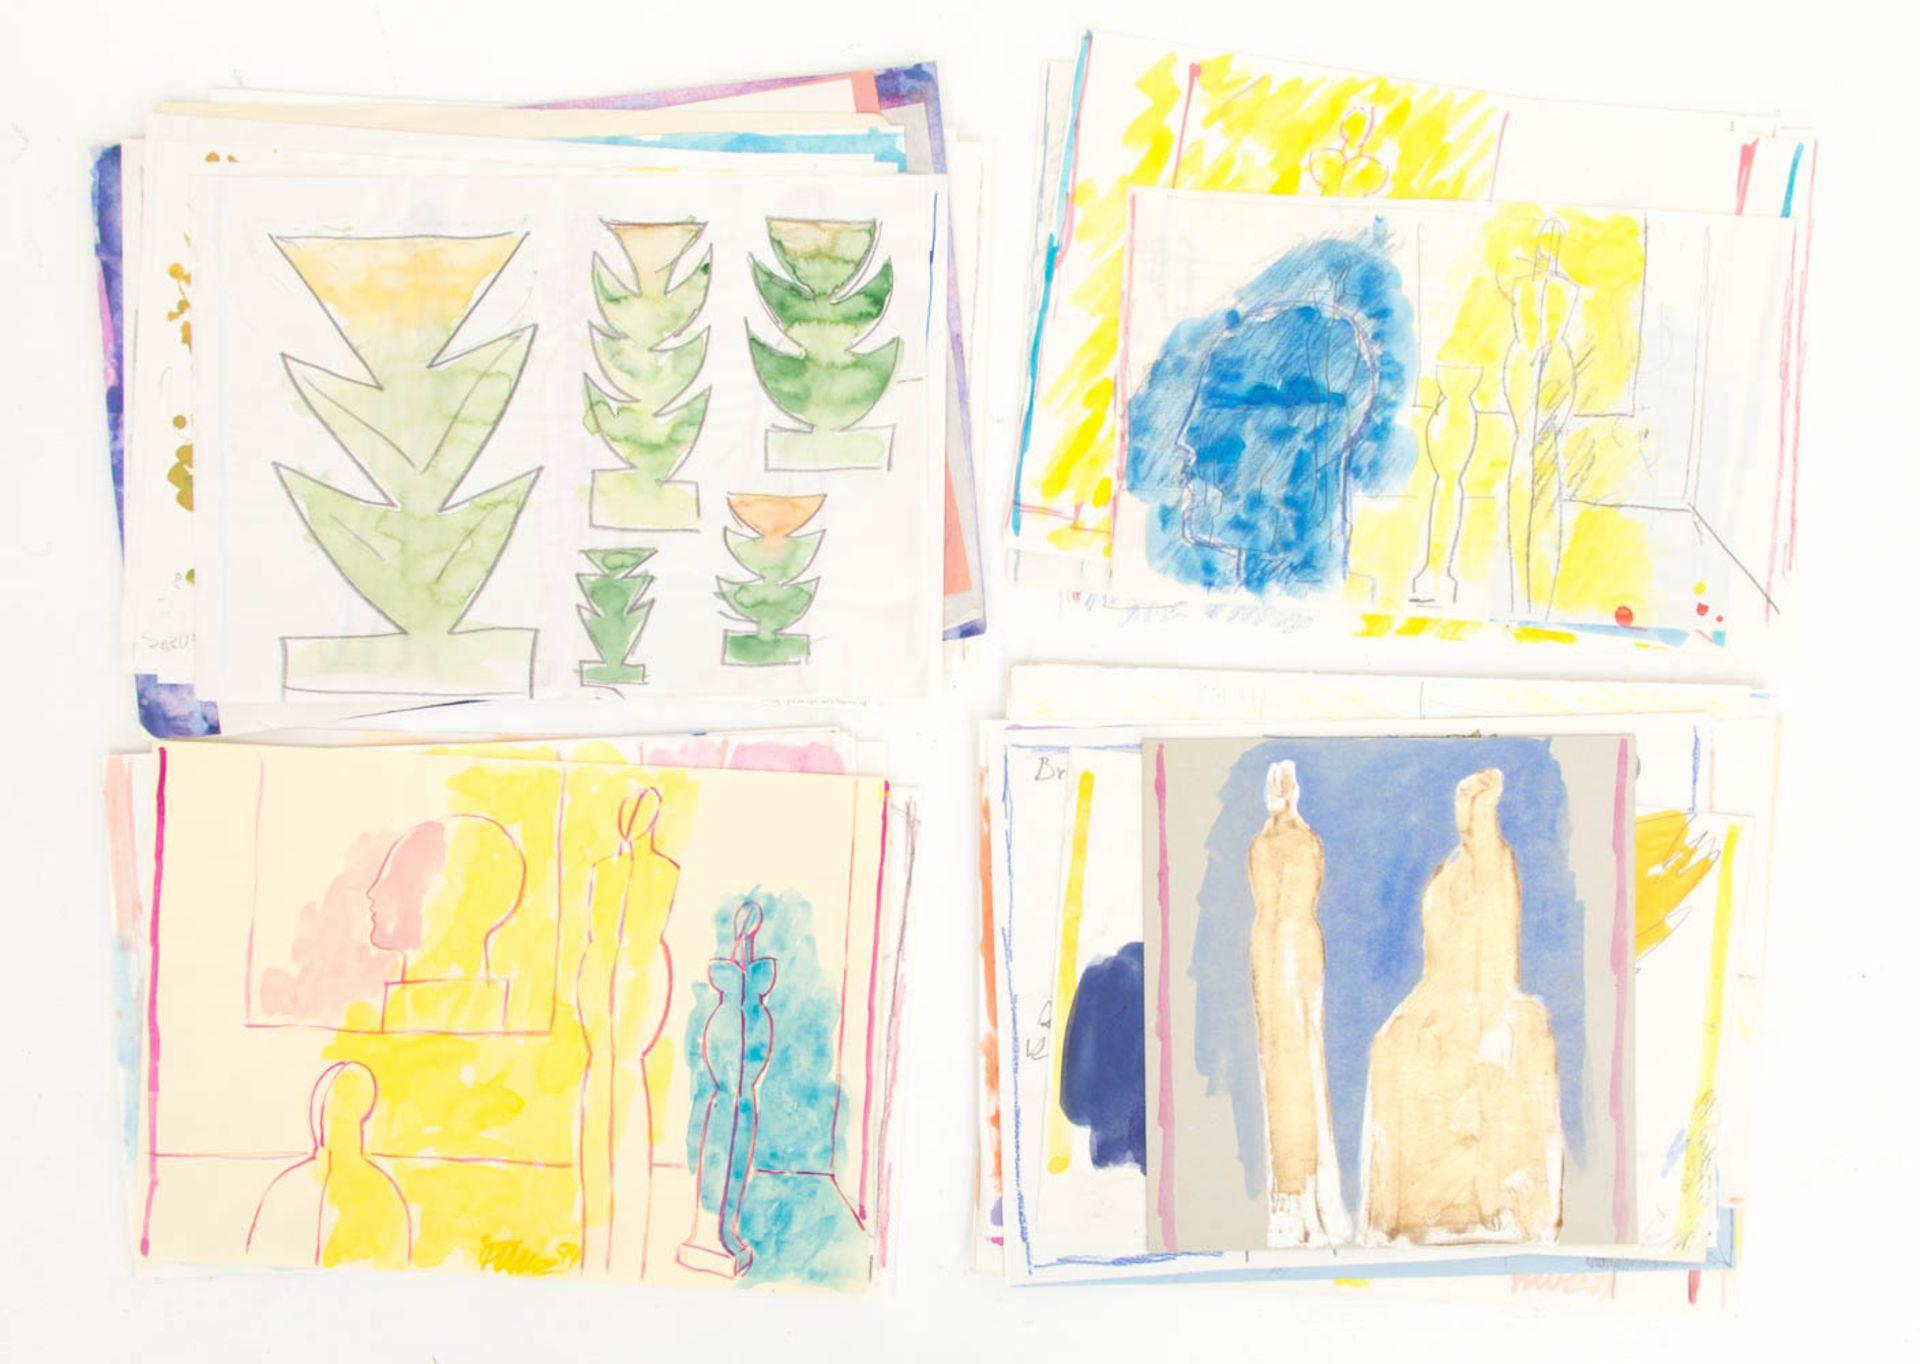 Franz Dreyer, Konvolut aus Zeichnungen / Aquarellen und Mappen, Stuttgart 20. Jh. - Bild 2 aus 3